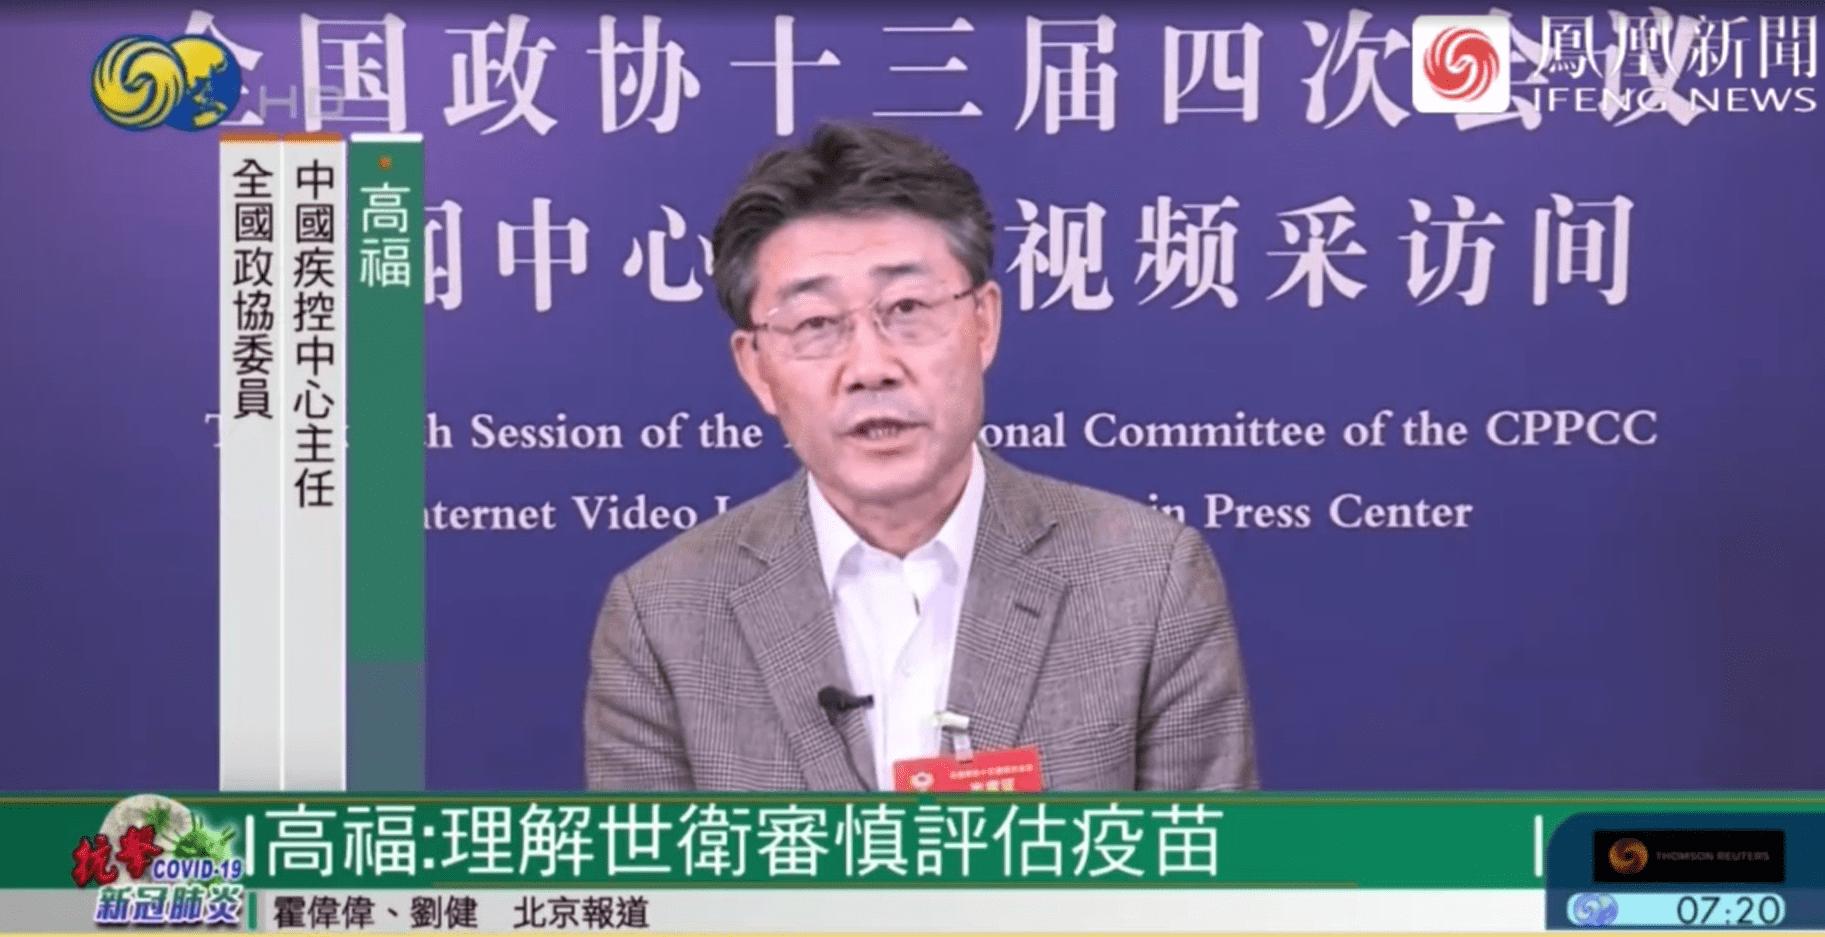 世卫组织仍在评估中国疫苗,高福:相信会有好结果